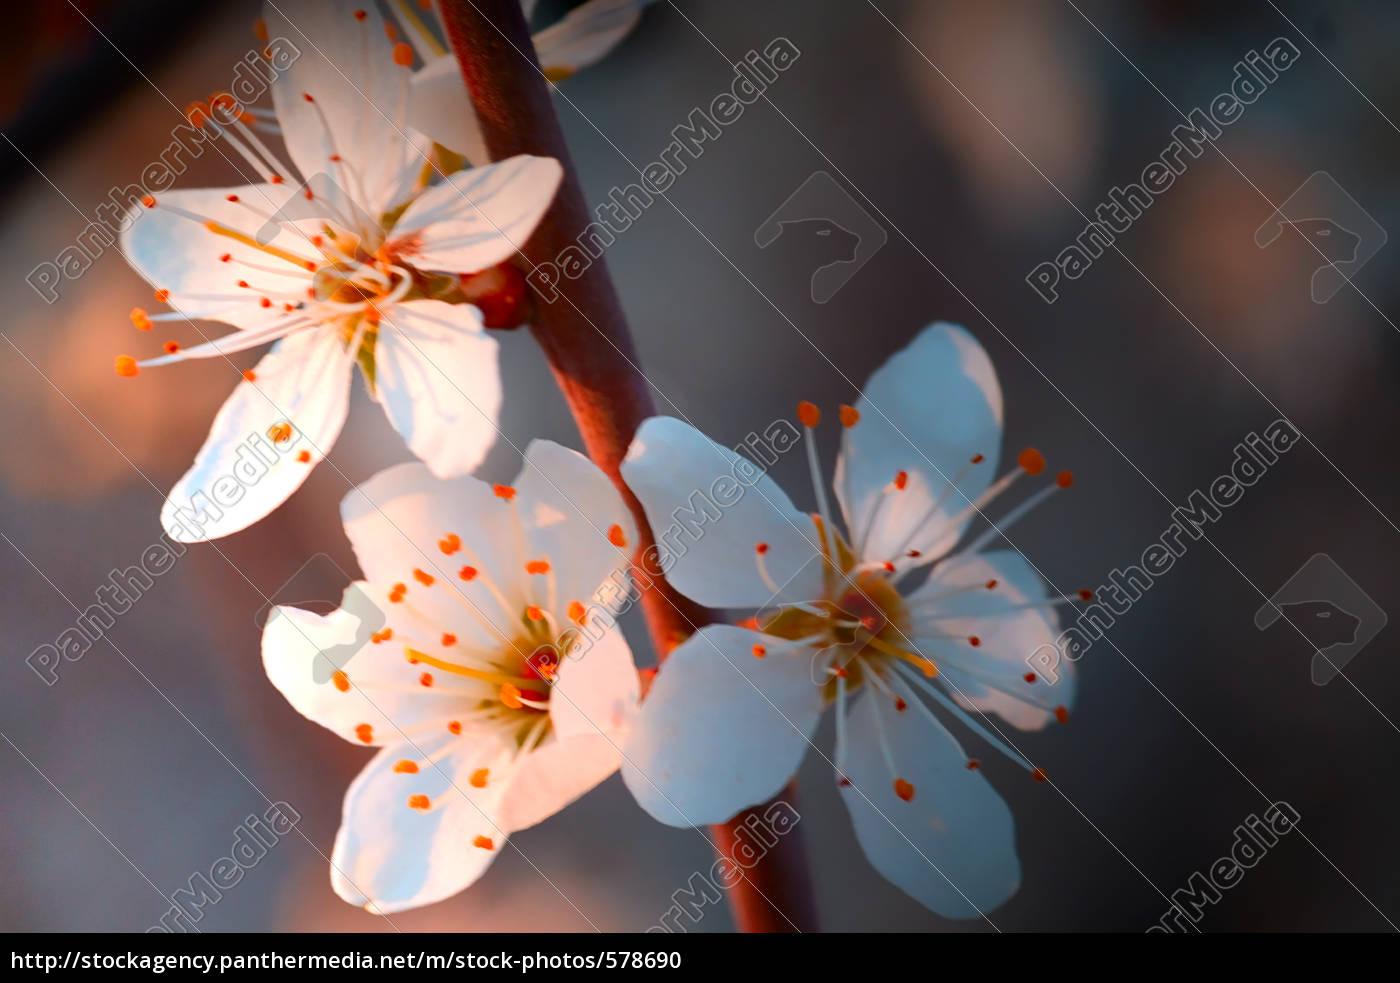 la, charme, du, printemps - 578690